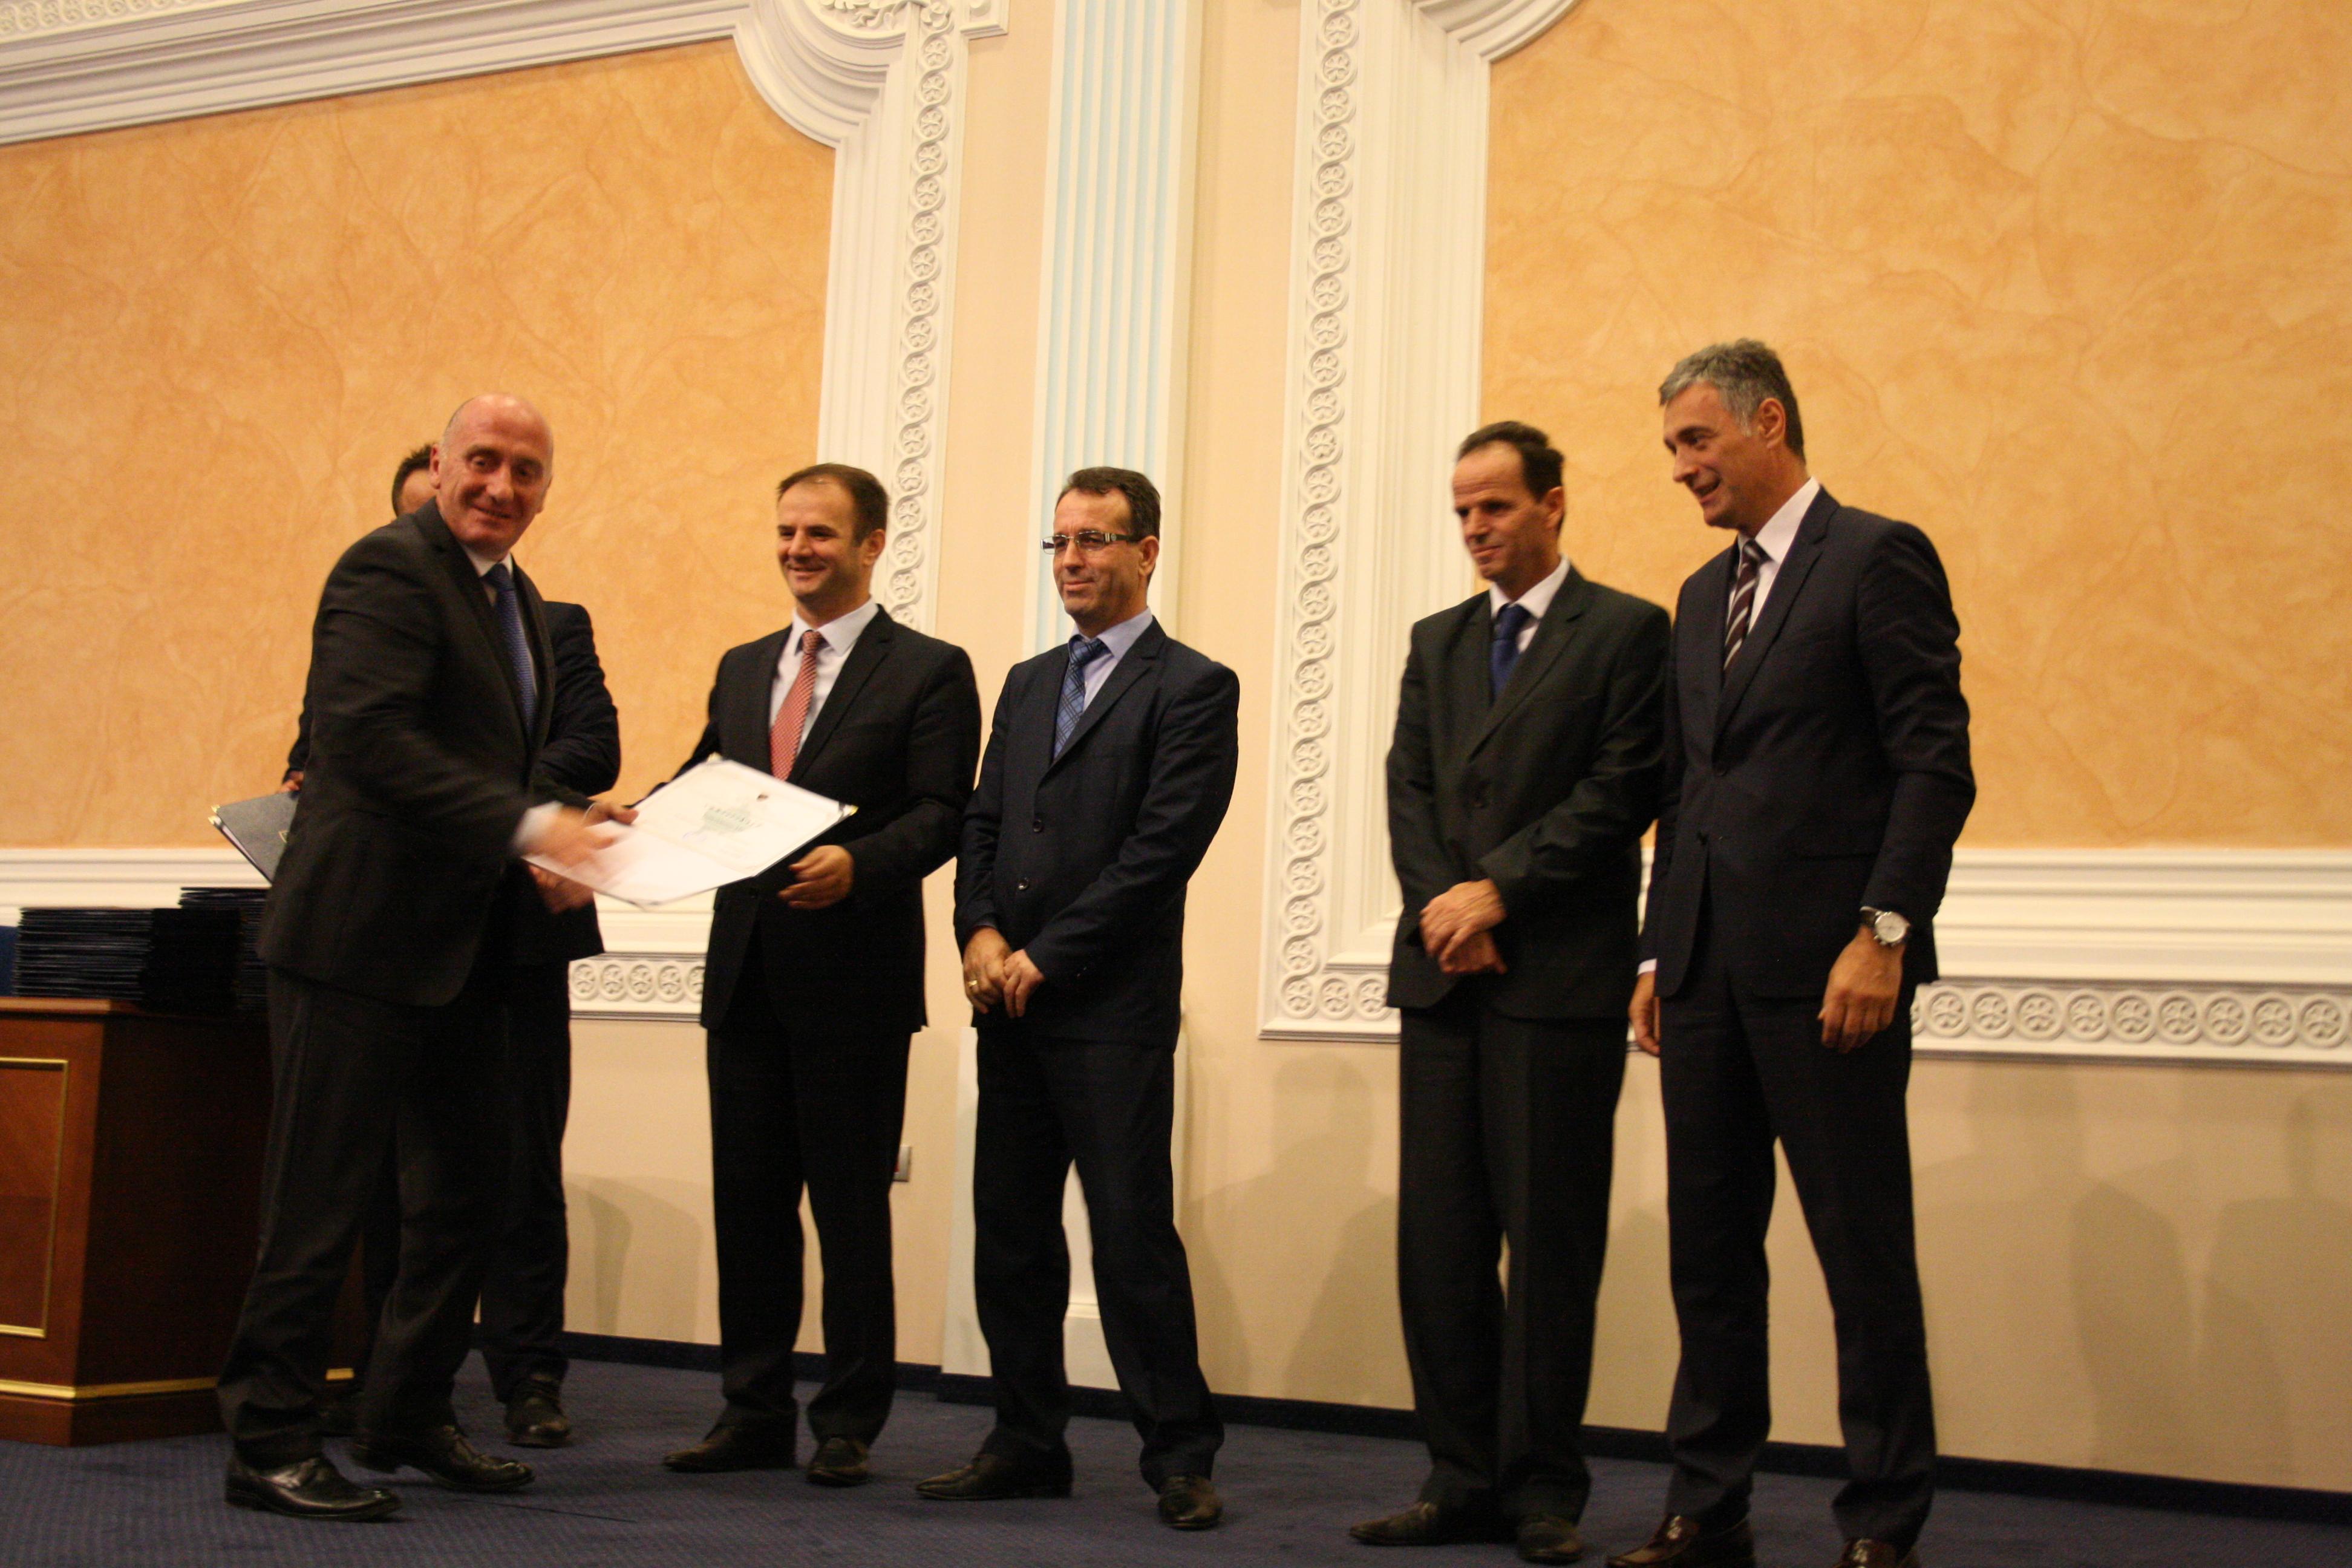 Kryetari Hasani pret kontributin e juristëve të certifikuar